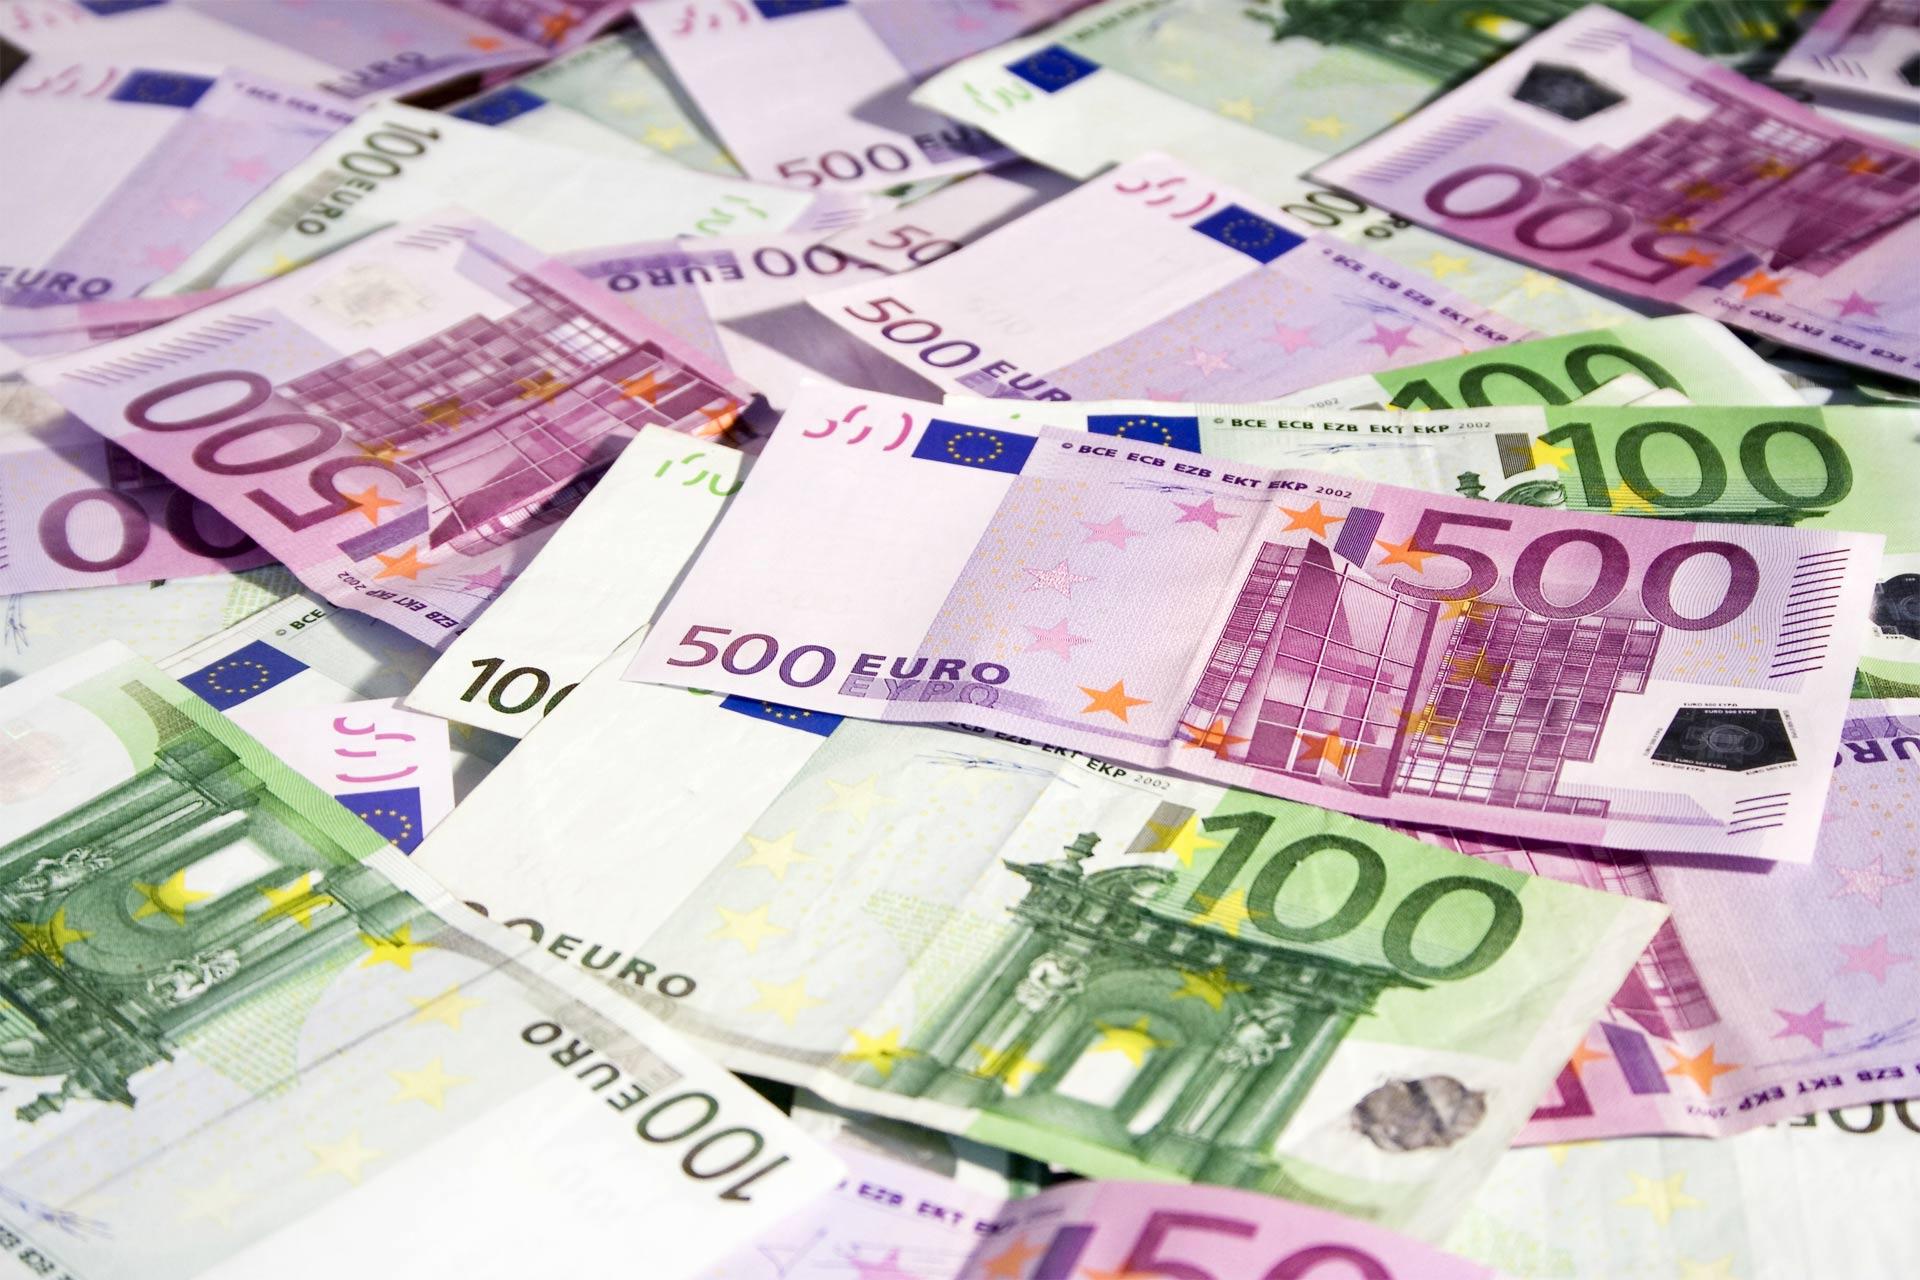 El dinero ayudará a mejorar los centros de acogida de emergencia para refugiados dentro de la Unión Europea